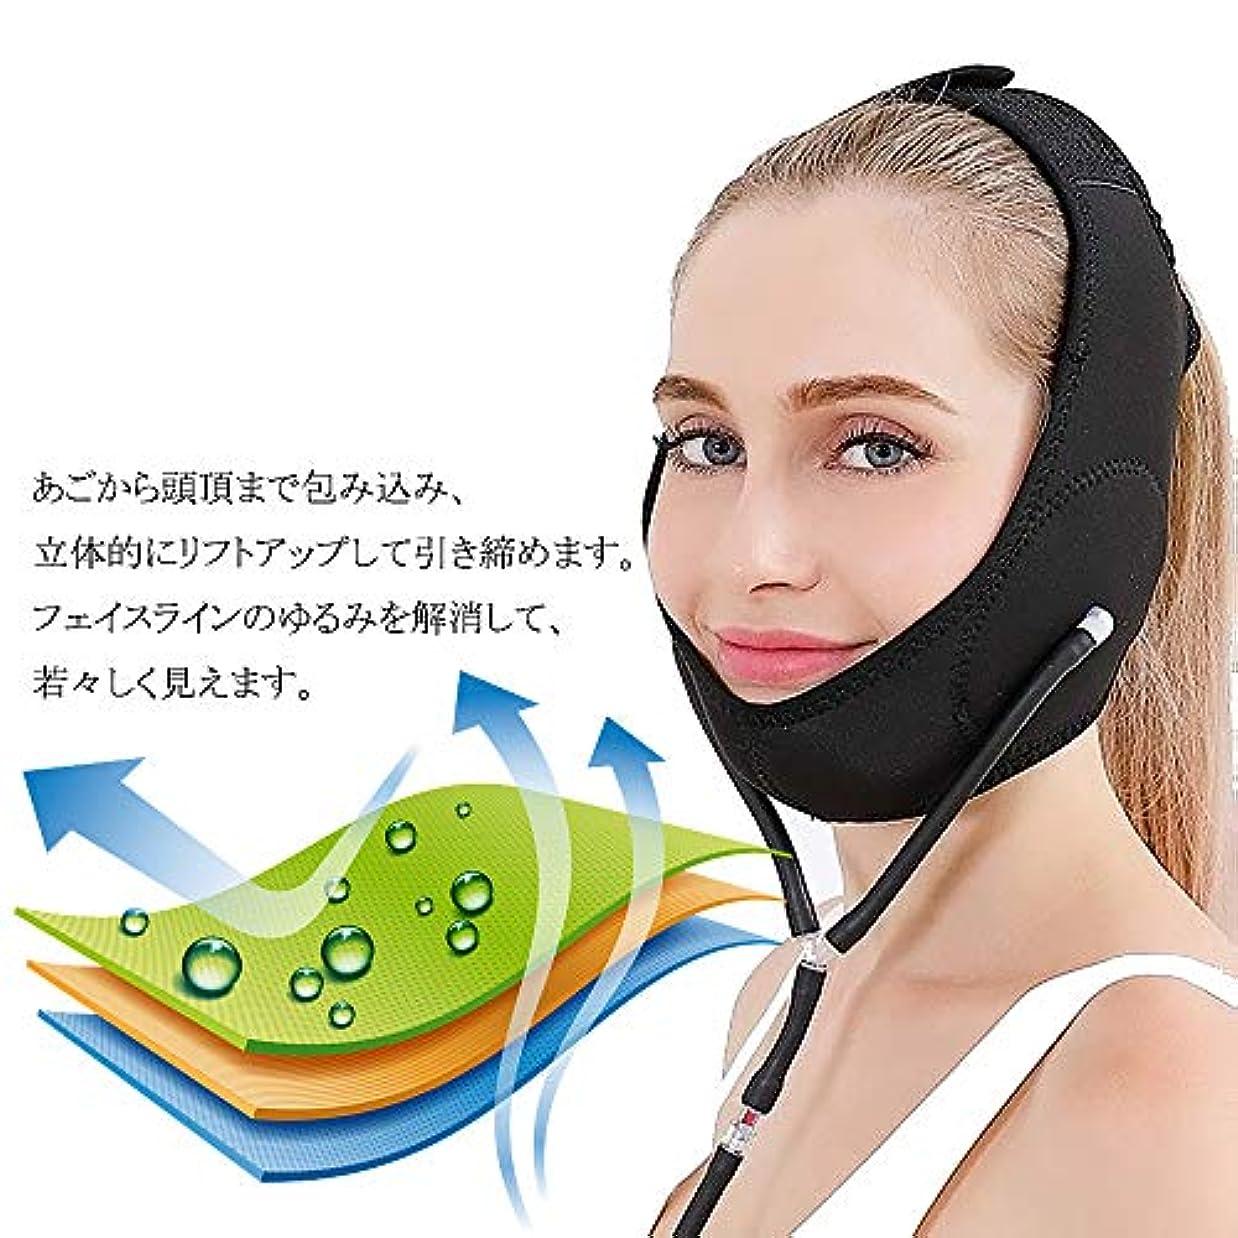 手綱意図的ショートSHQIDLILAG (ヨイ) エアー 顔やせ マスク 小顔 ほうれい線 空気入れ エアーポンプ 顔のエクササイズ フェイスリフト レディース (フリーサイズ, ピンク) (B)